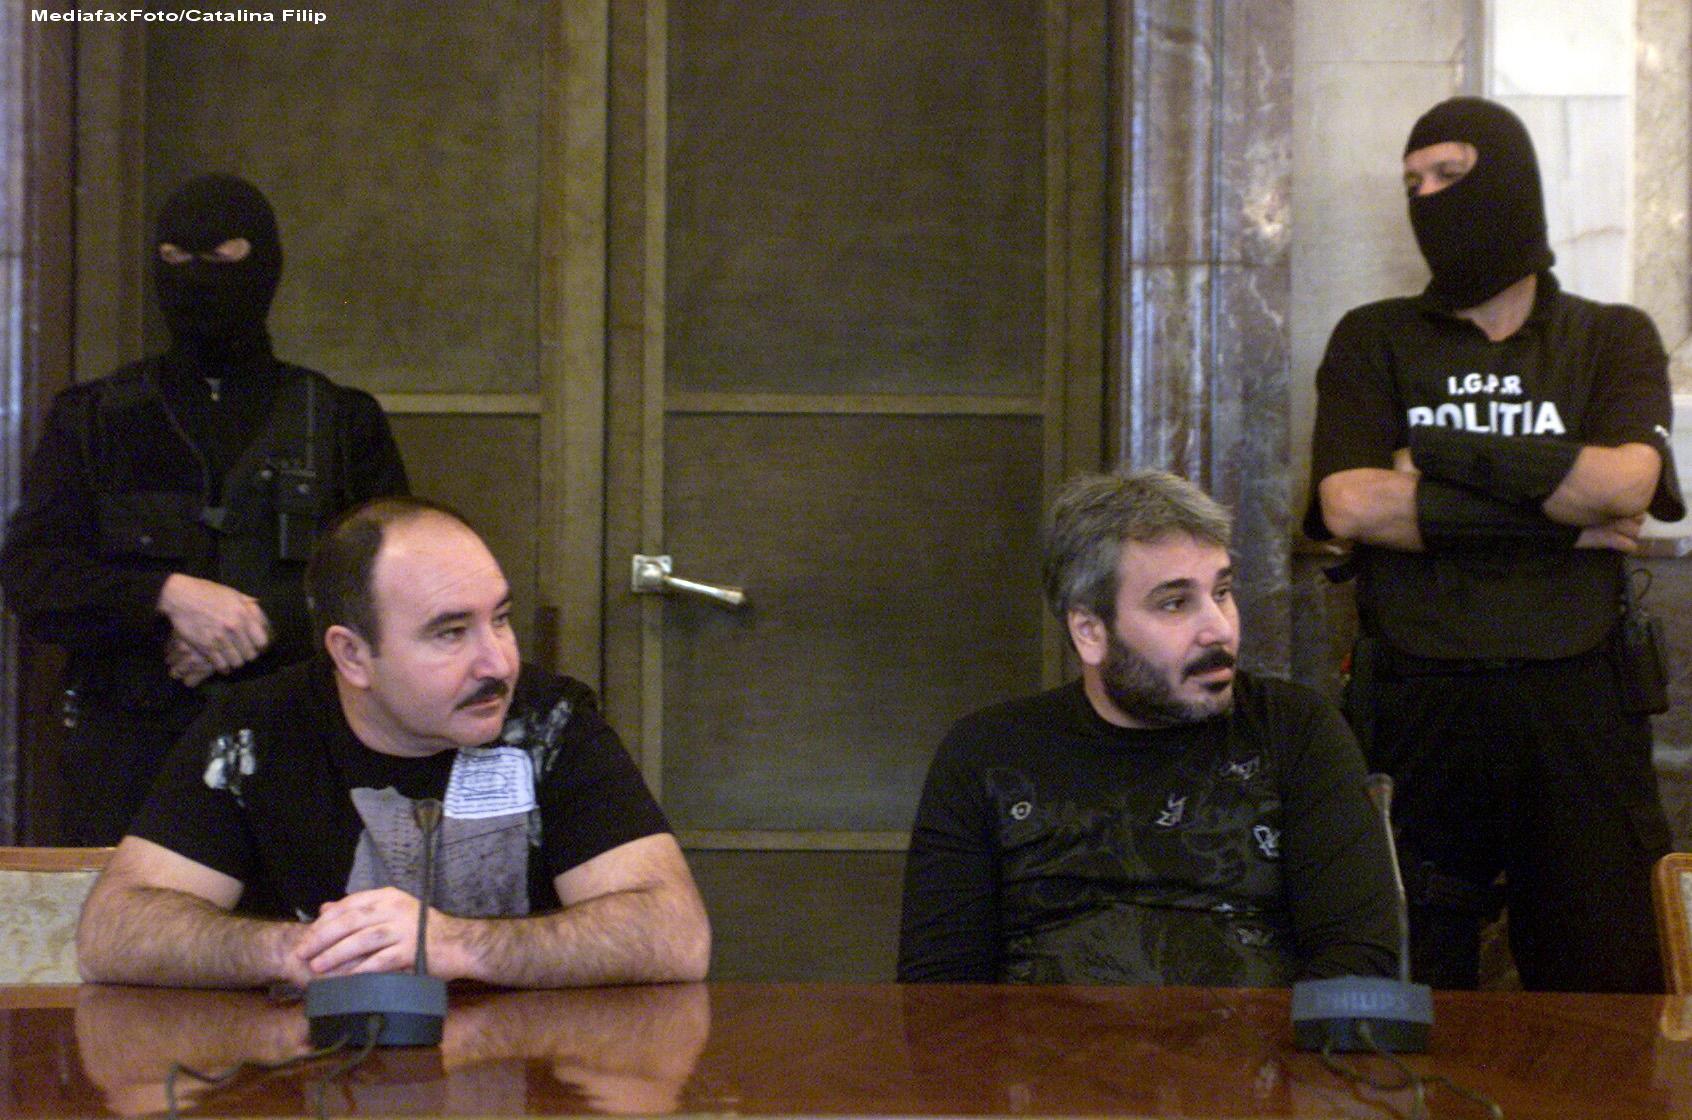 Detaliile disparitiei fratilor Camataru: Sile a parasit tara, iar Nutu e pe undeva prin Romania